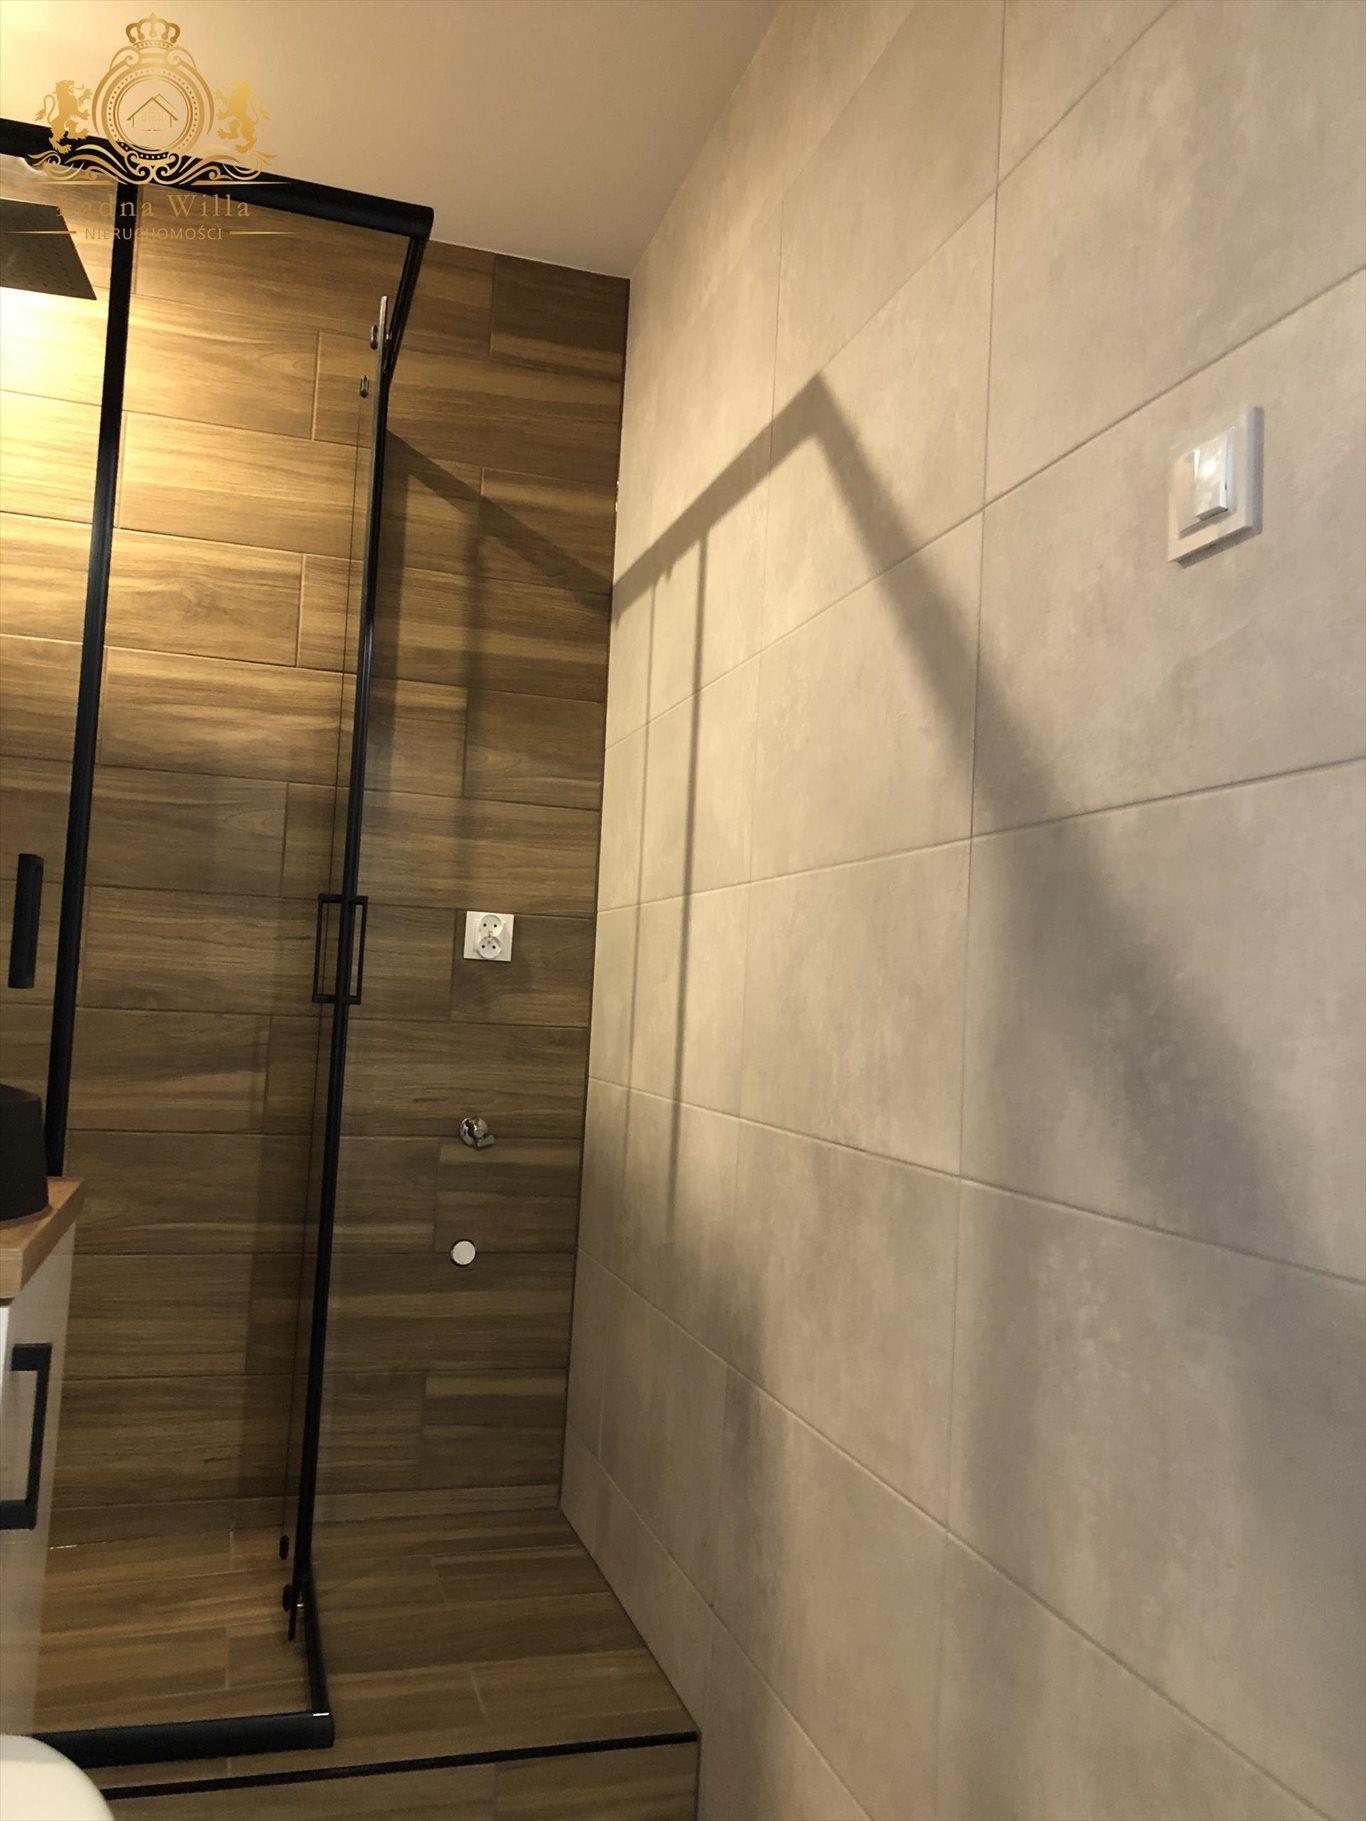 Mieszkanie trzypokojowe na sprzedaż Warszawa, Praga Północ, Siedlecka  37m2 Foto 10